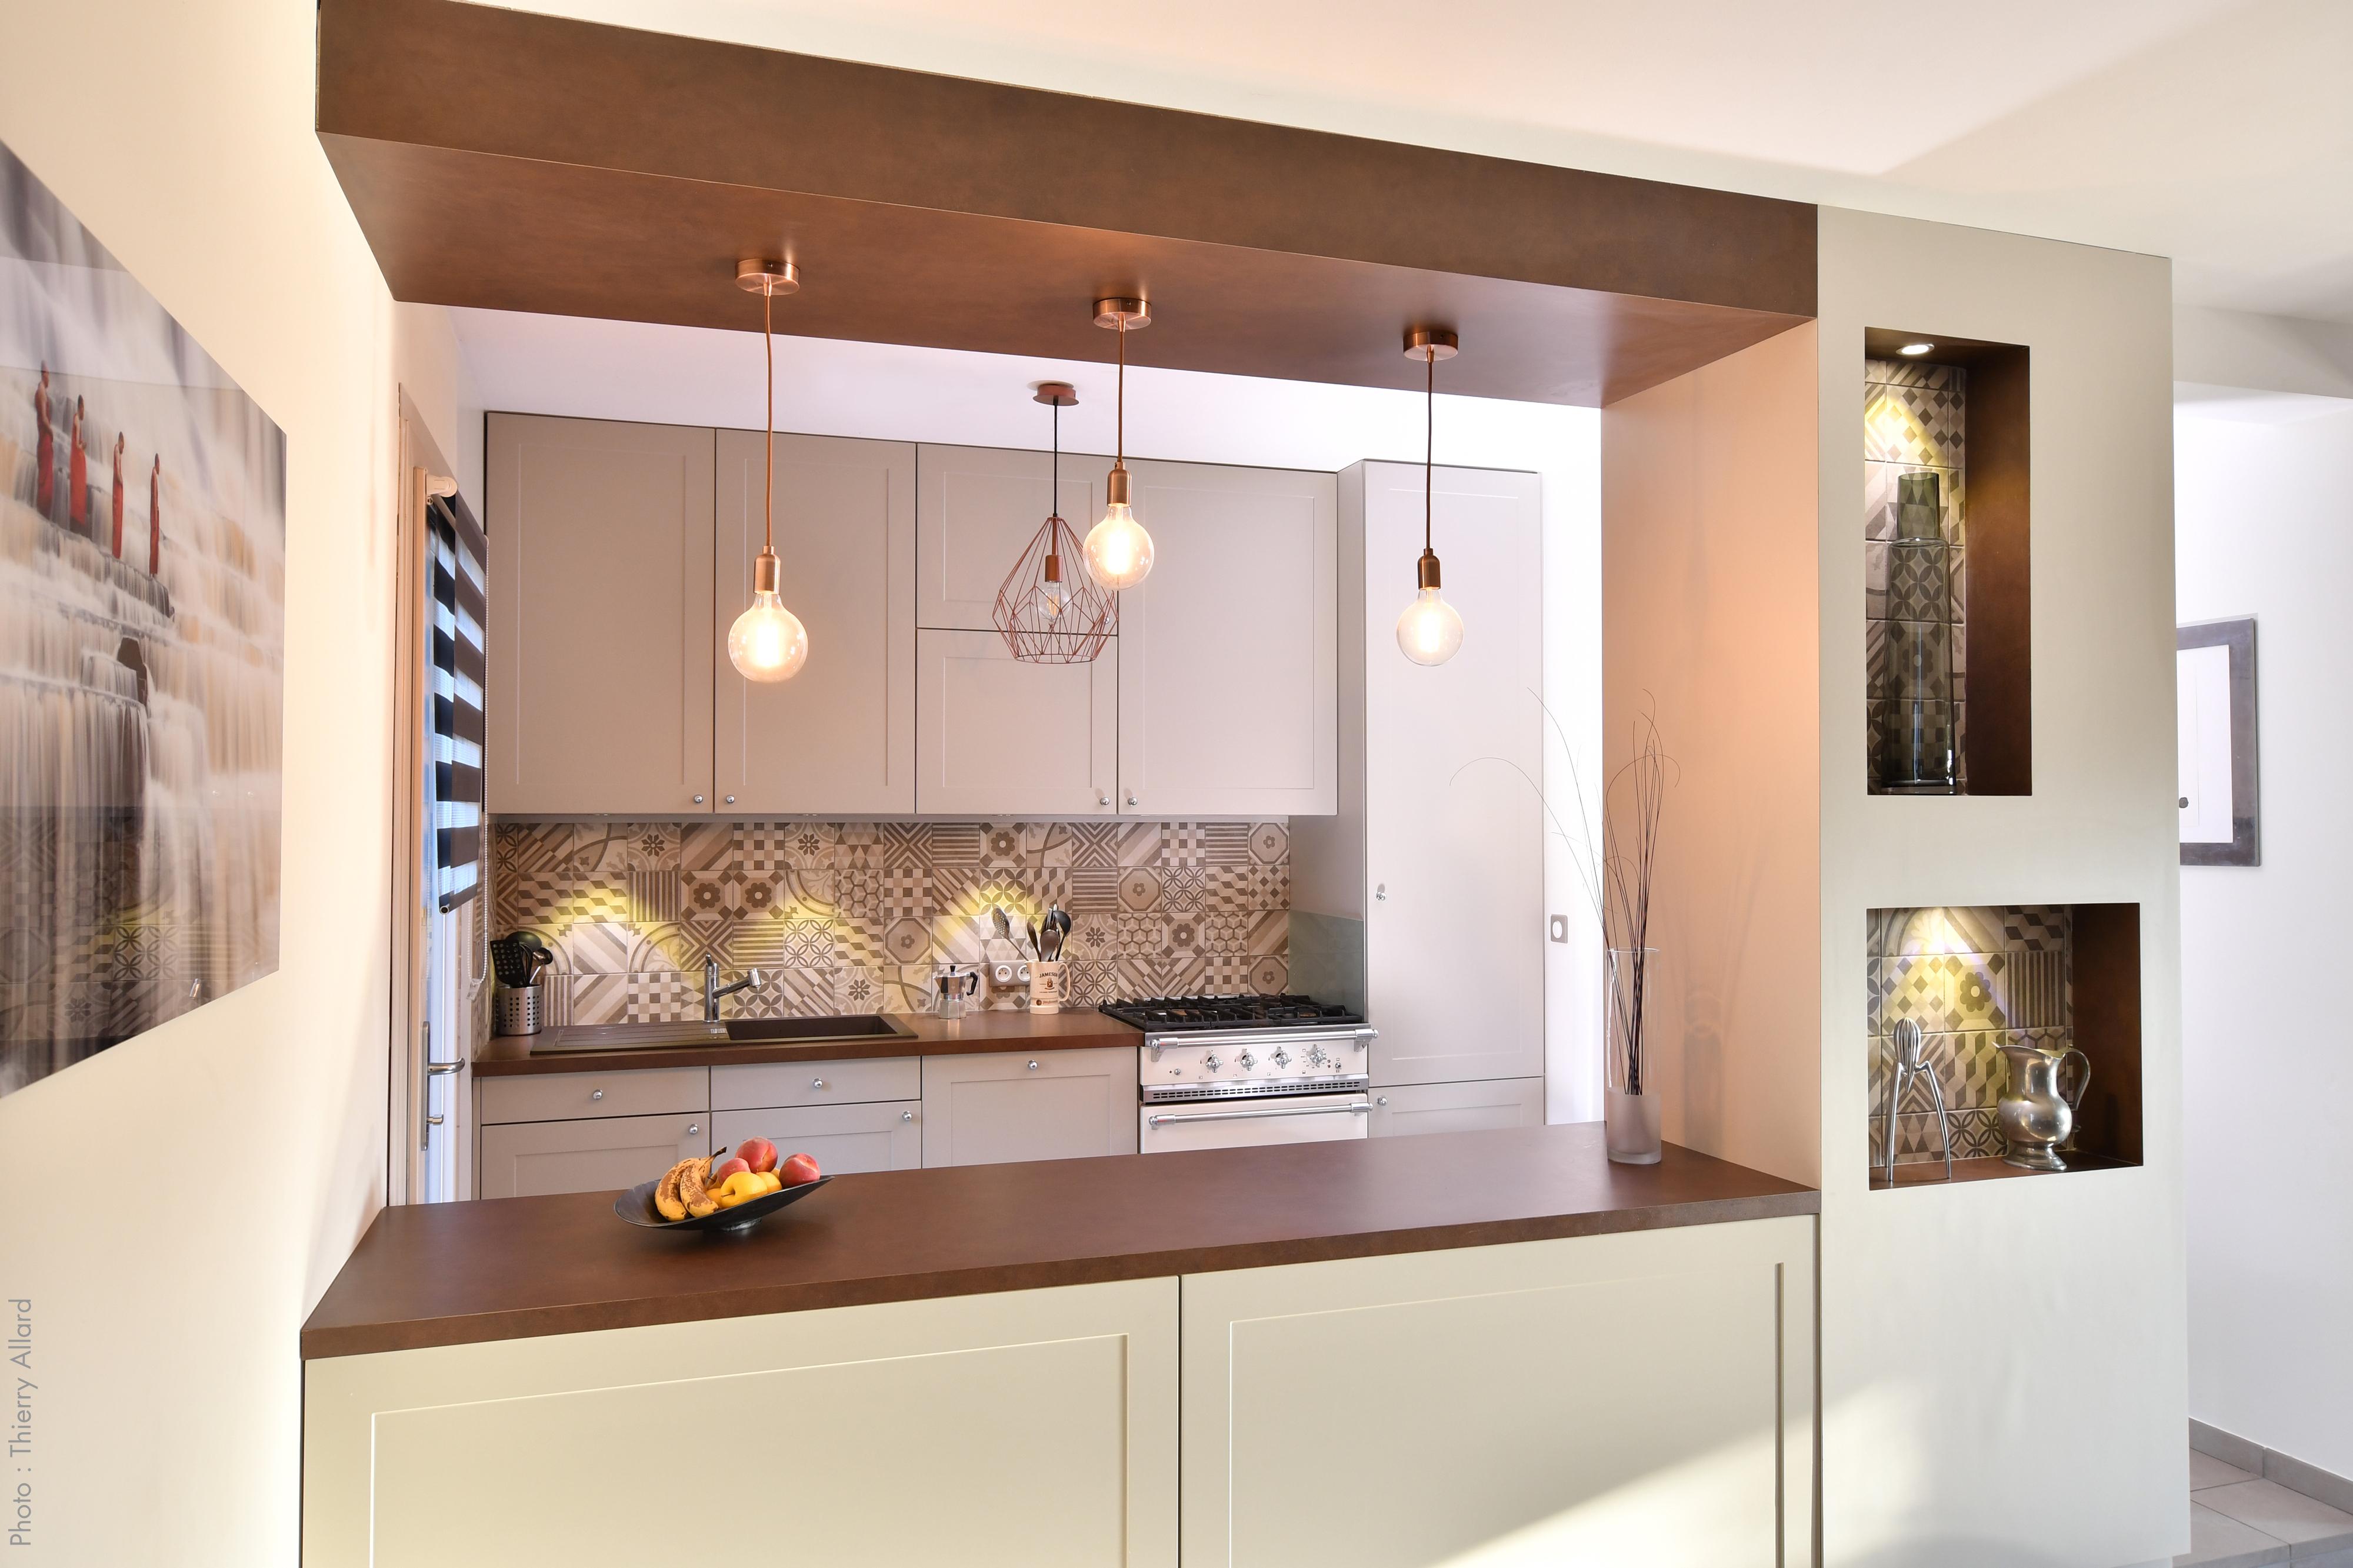 Aménagement_de_cuisine_et_décoration_intérieure_par_tiffany_fayolle_architecte_d'intérieur_à_Lyon_et